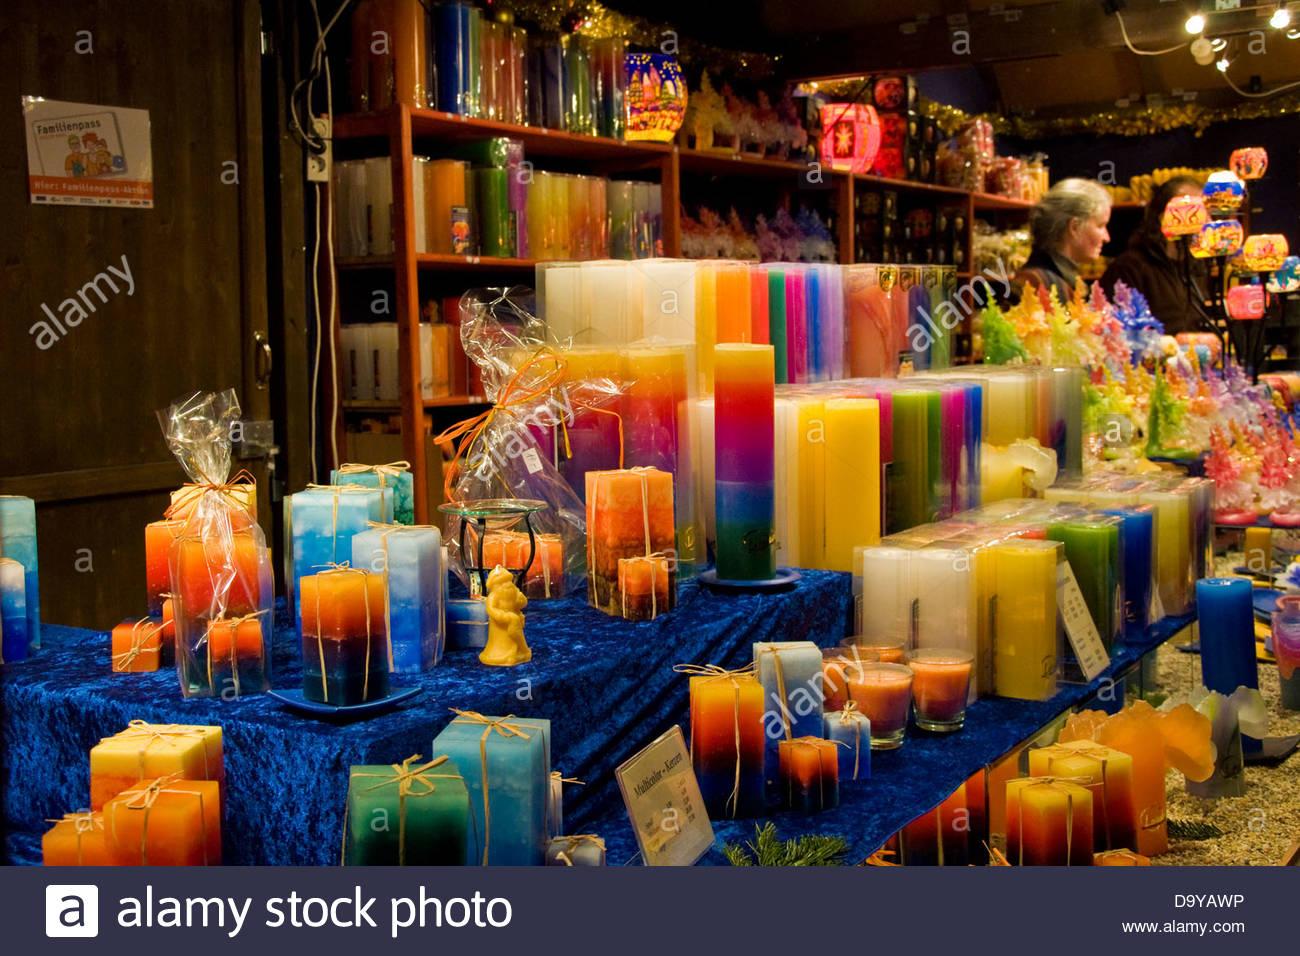 Christmas markets,Basel,Switzerland - Stock Image